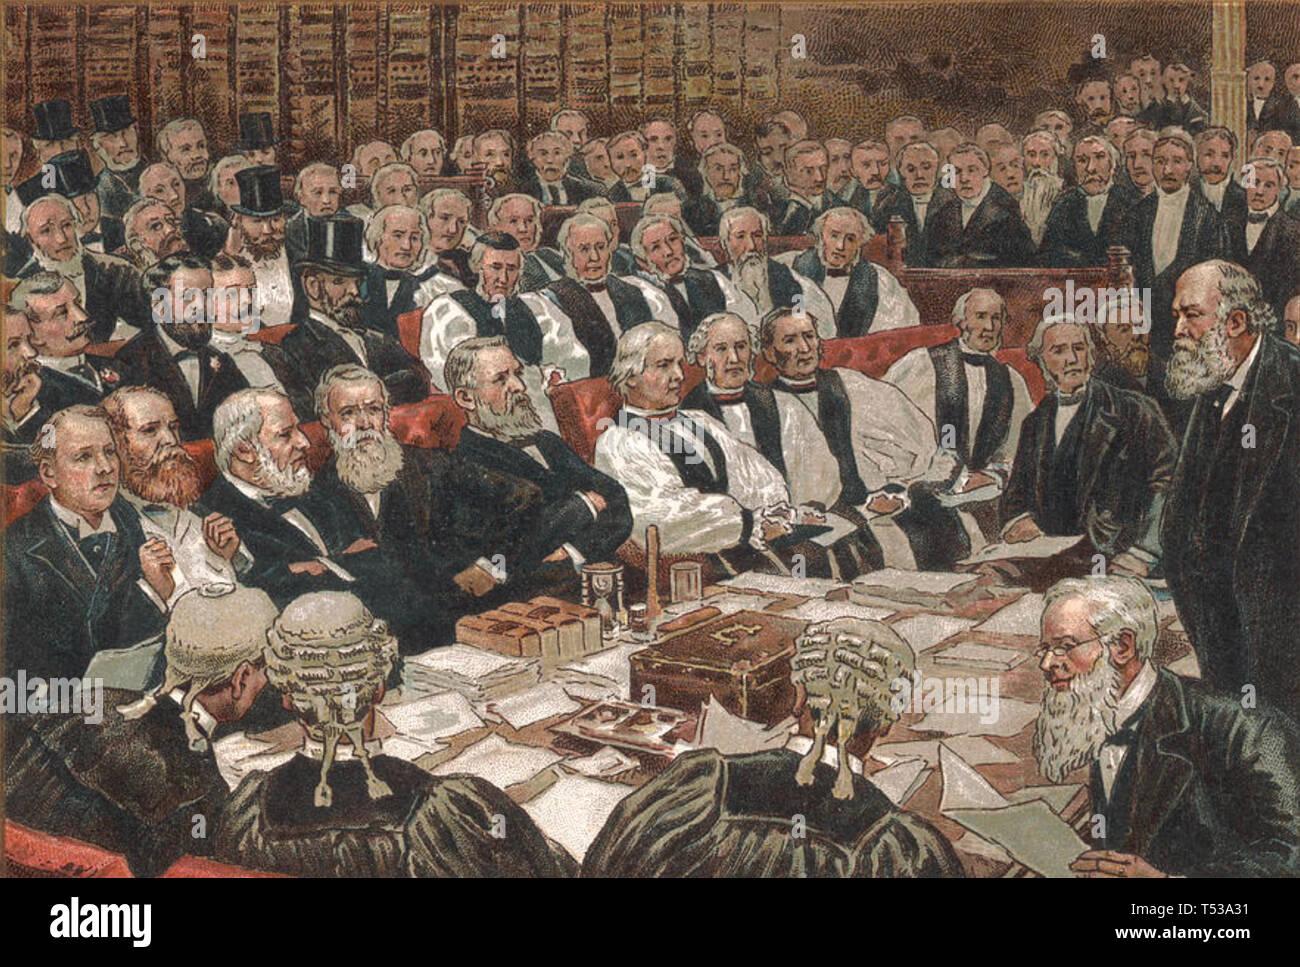 Marquis von Salisbury (1830-1903) ganz rechts im Rahmen einer parlamentarischen Debatte über irische Home Rule 1900 Stockbild